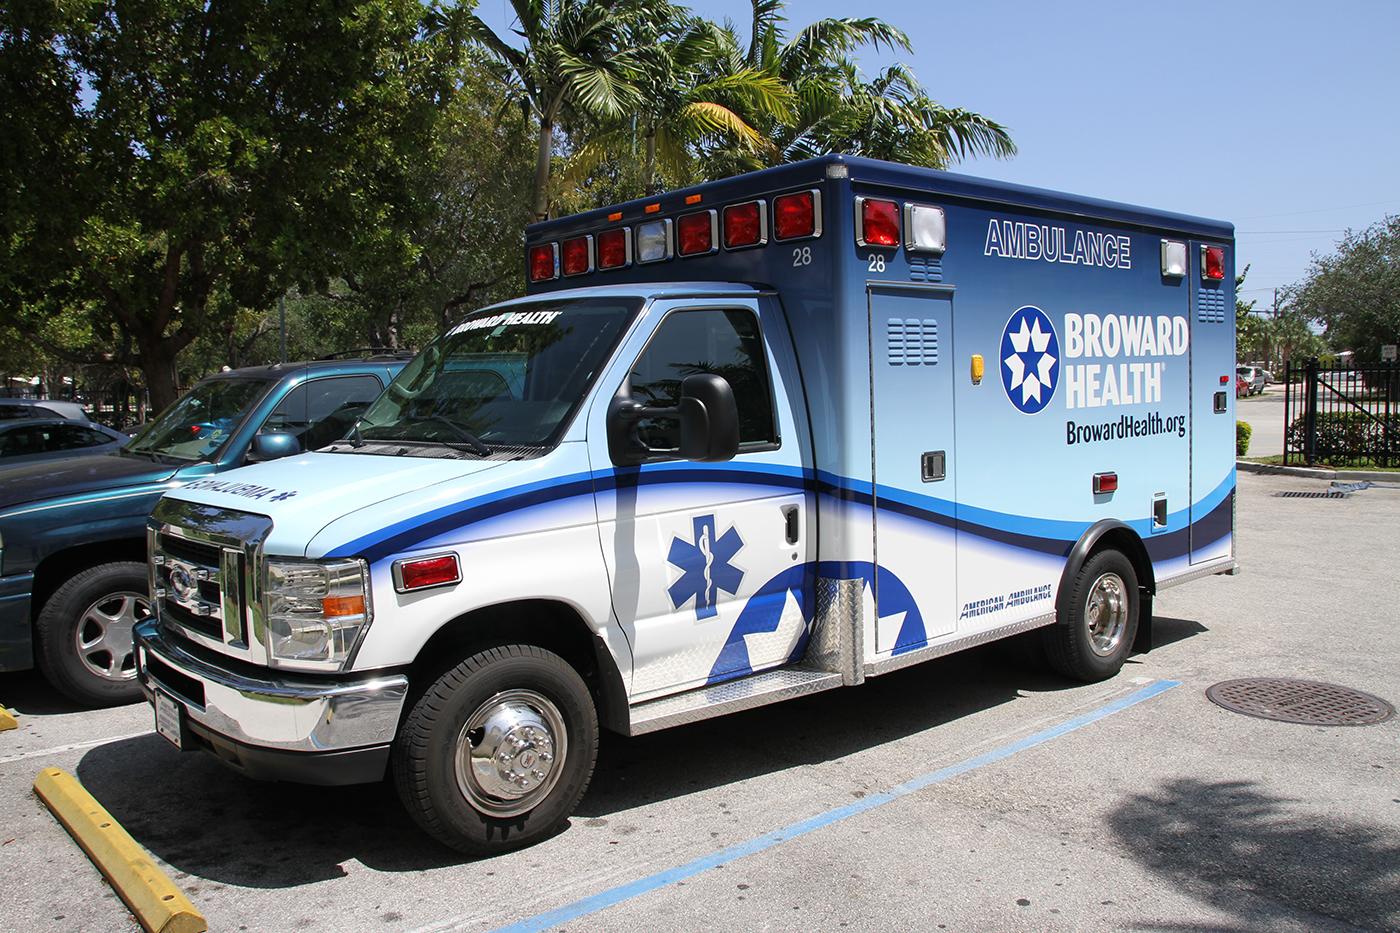 Ambulanse i Fort Lauderdale